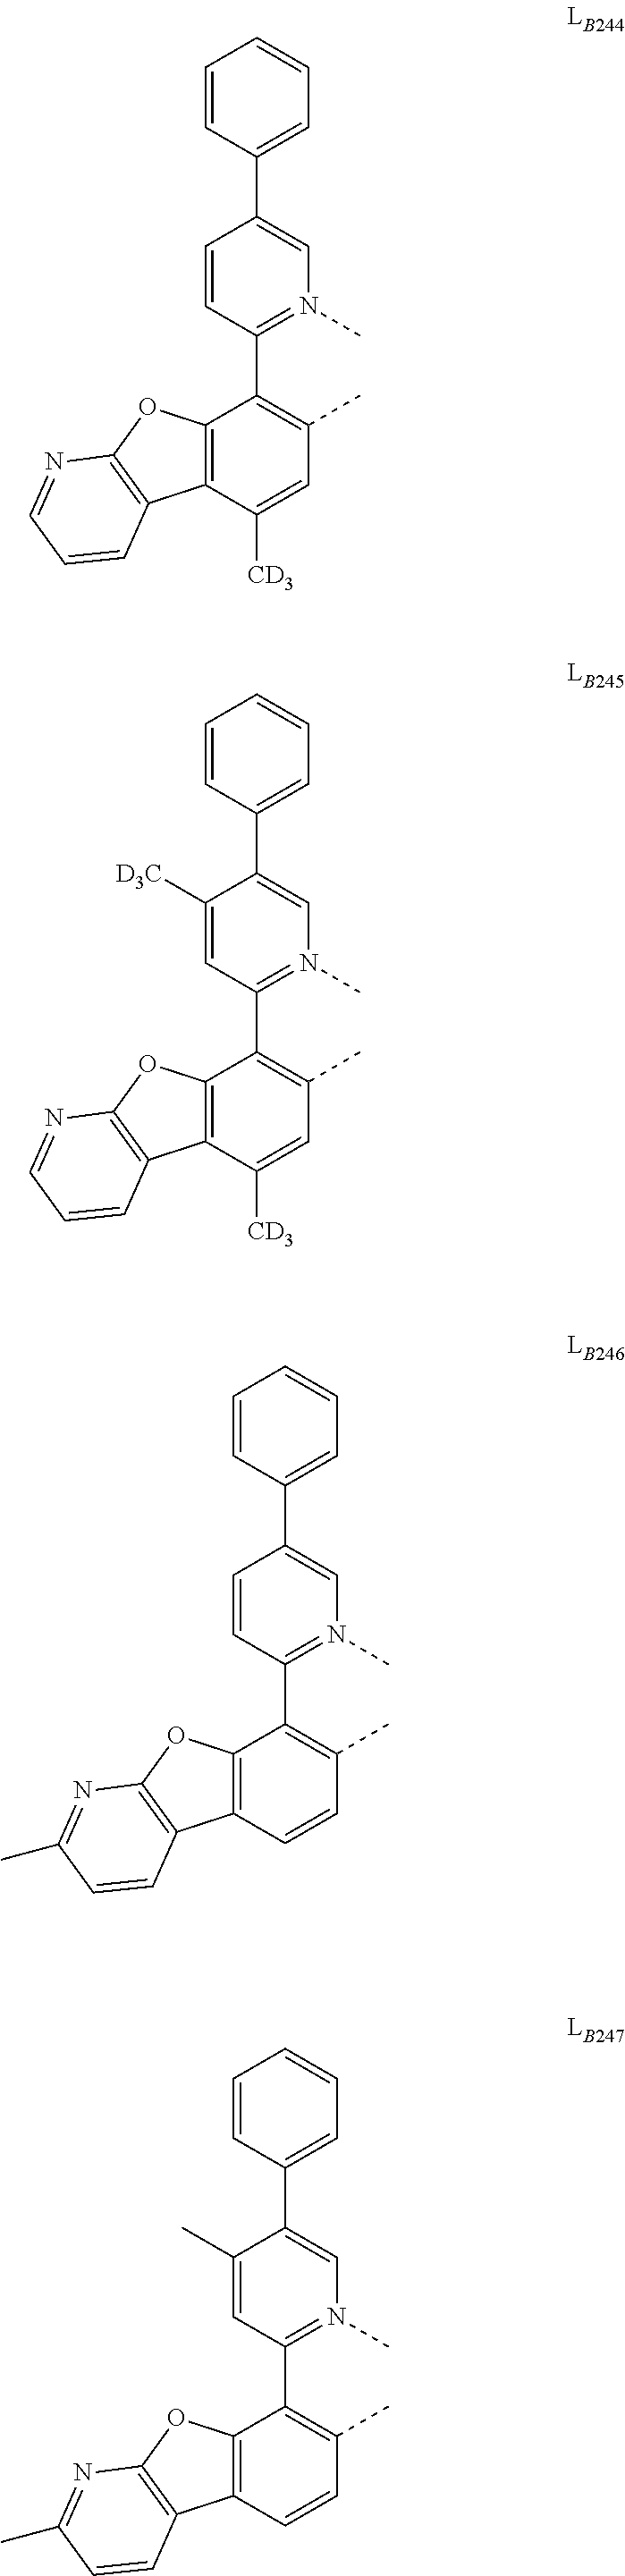 Figure US09929360-20180327-C00092